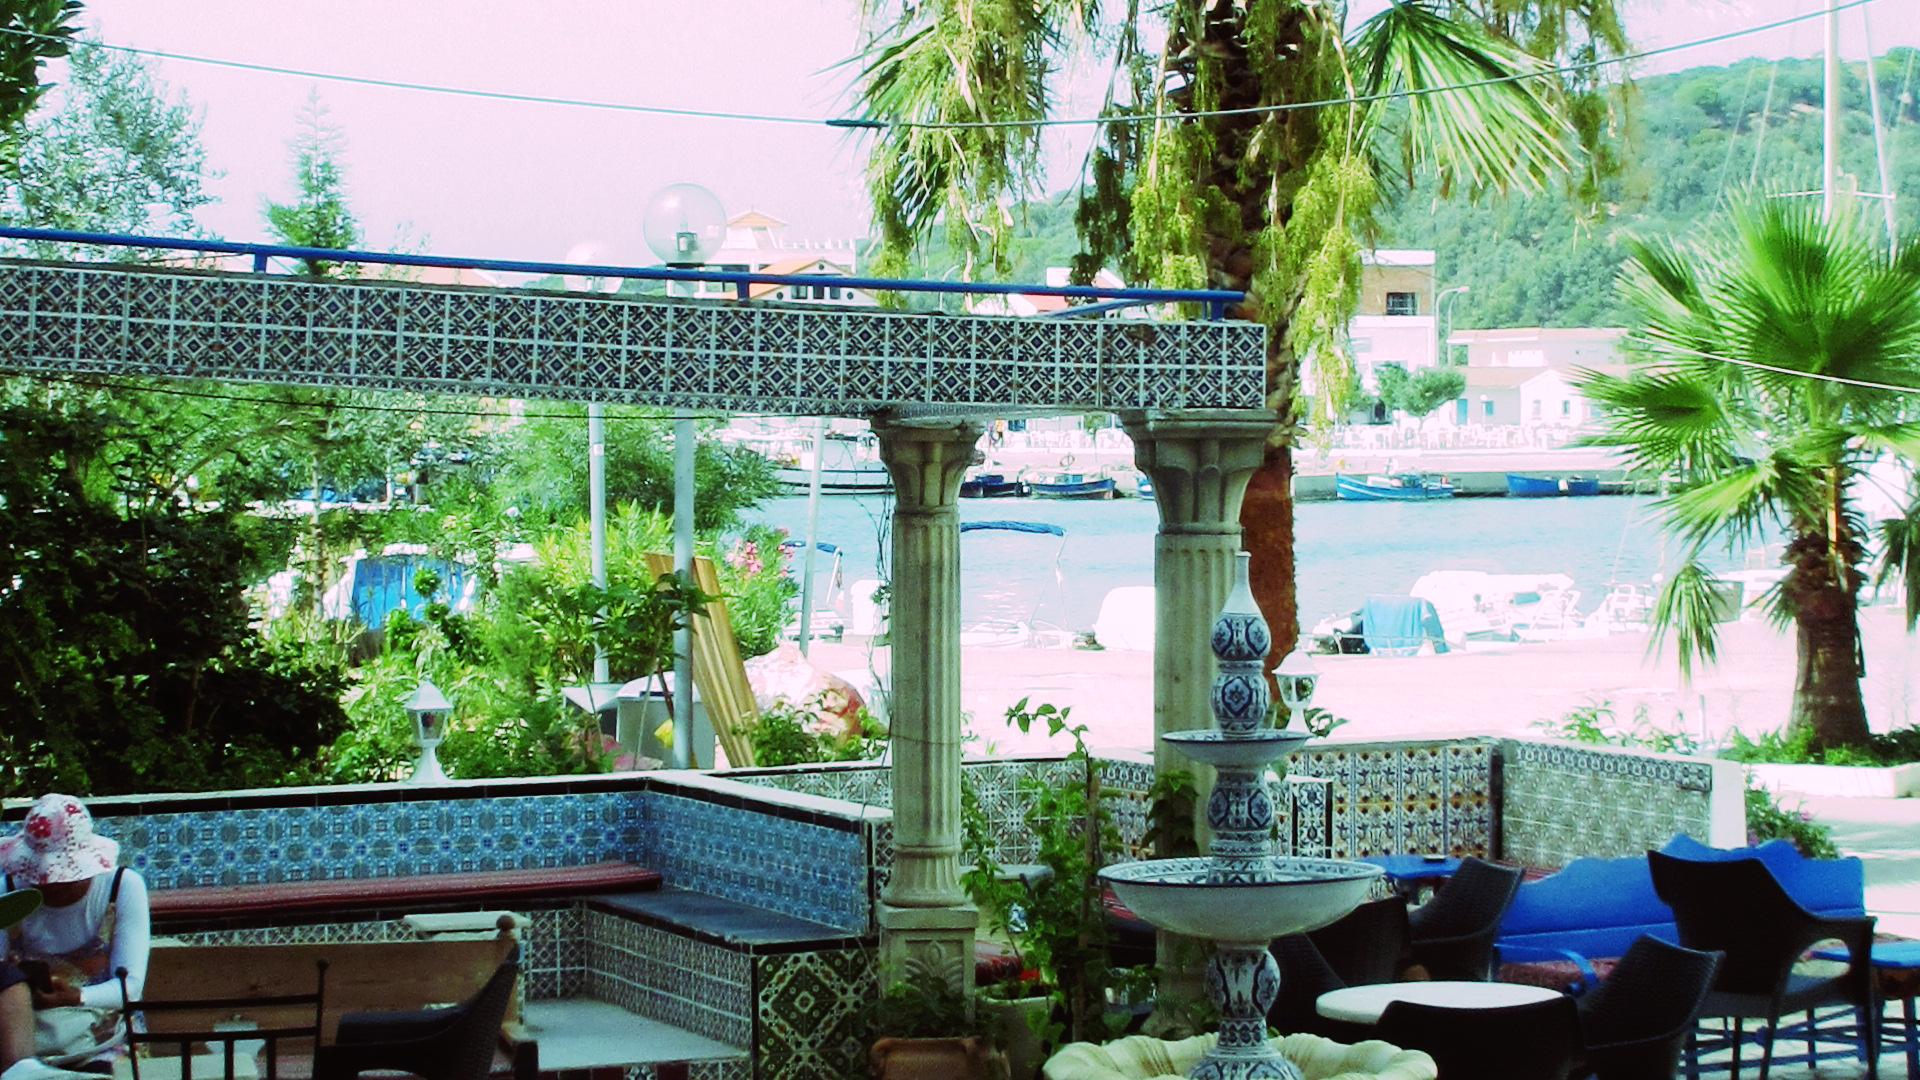 Image salon de thé a tabarka 11